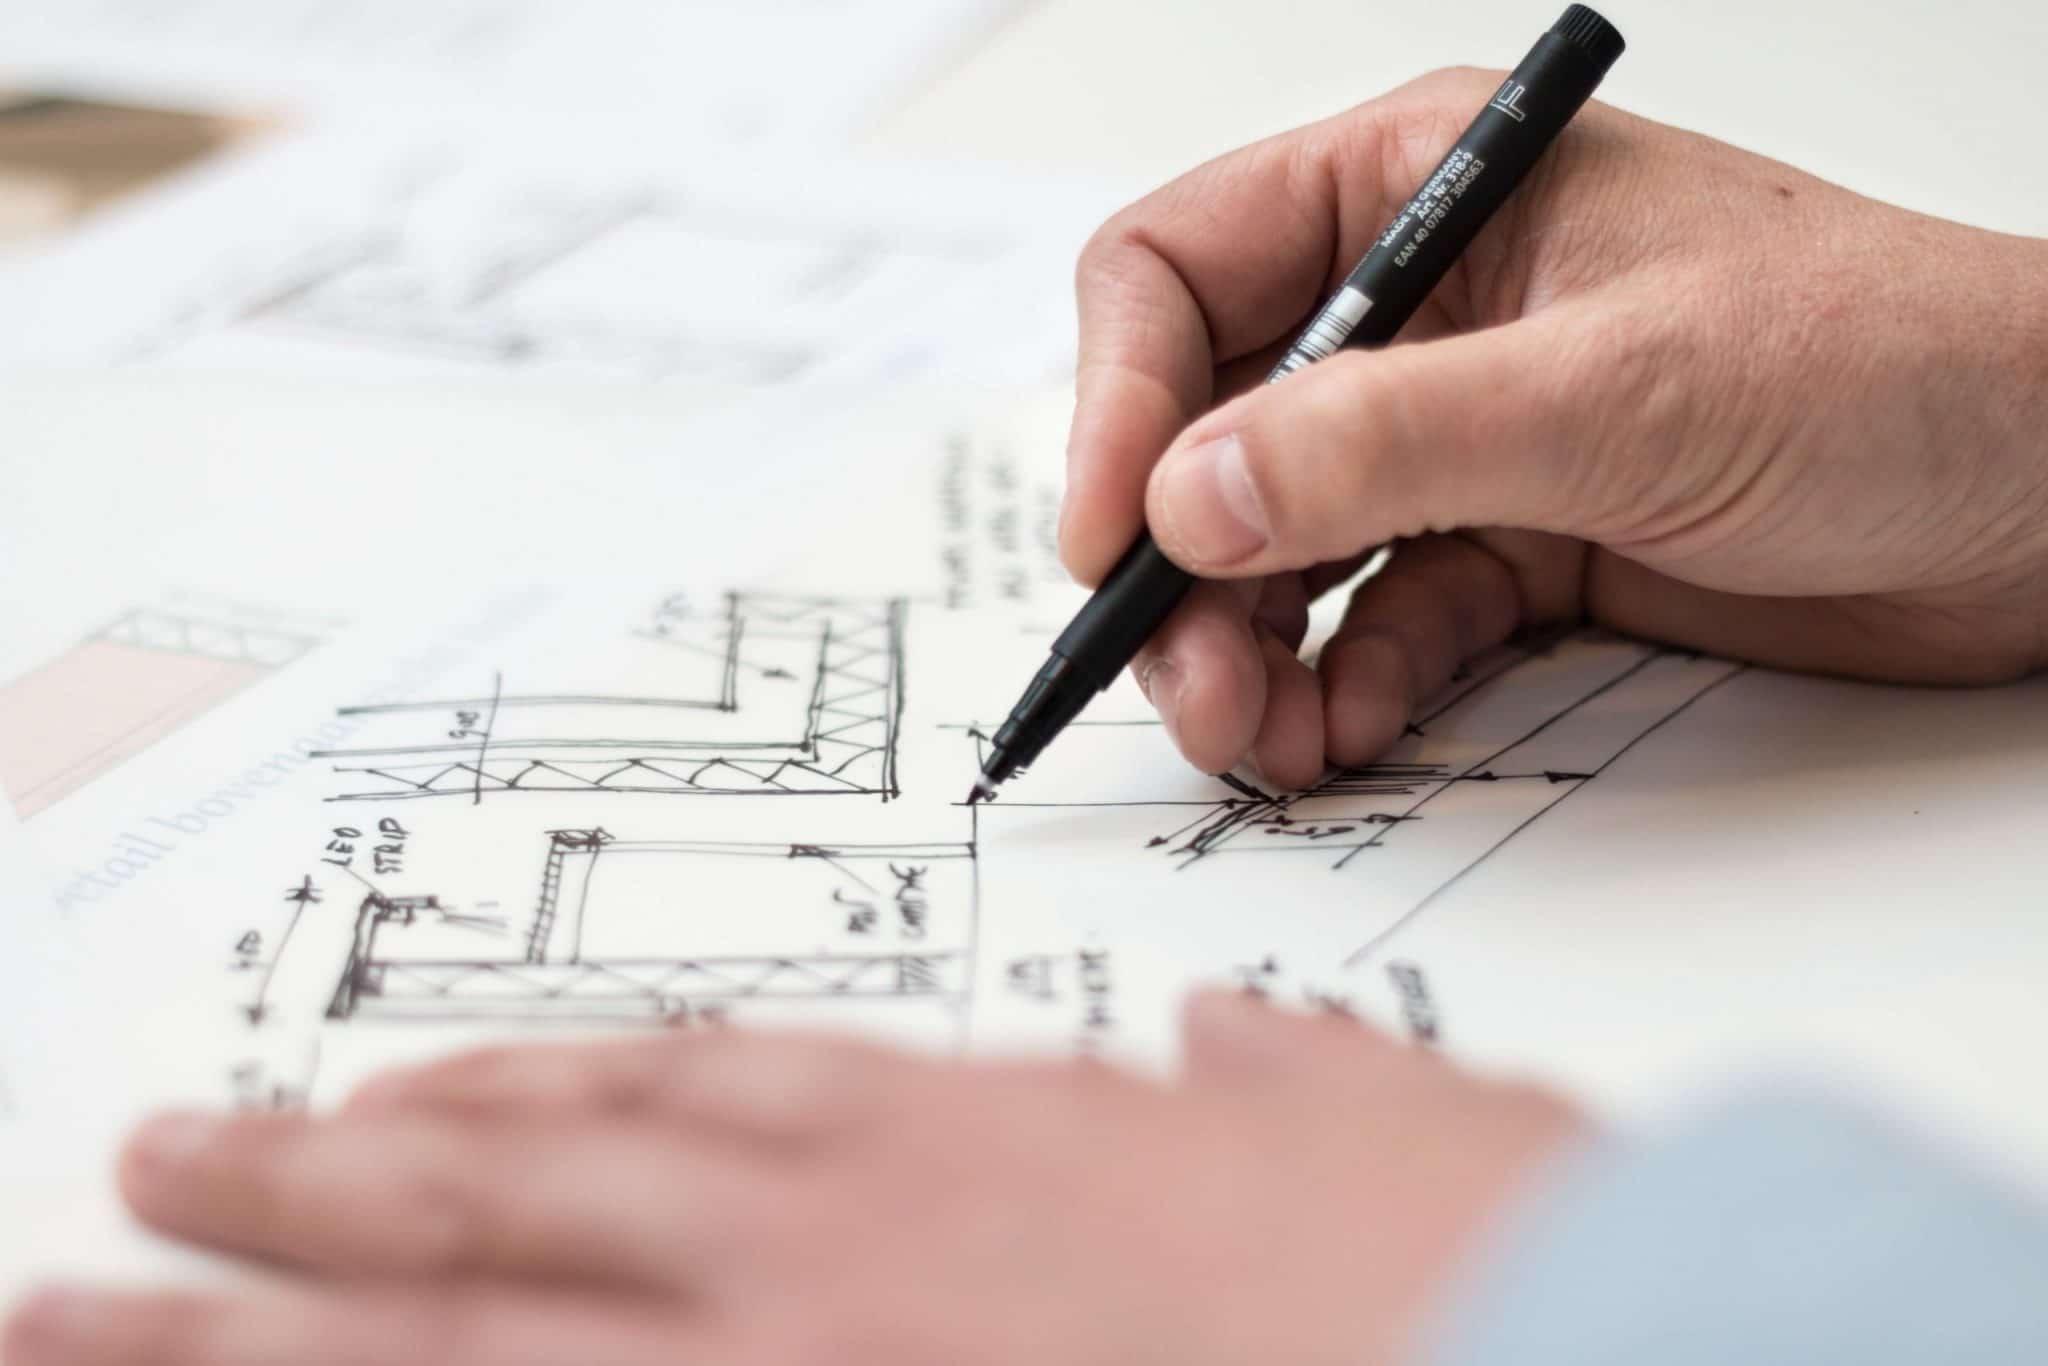 Rénovation et construction : simplification des demandes d'autorisation d'urbanisme.